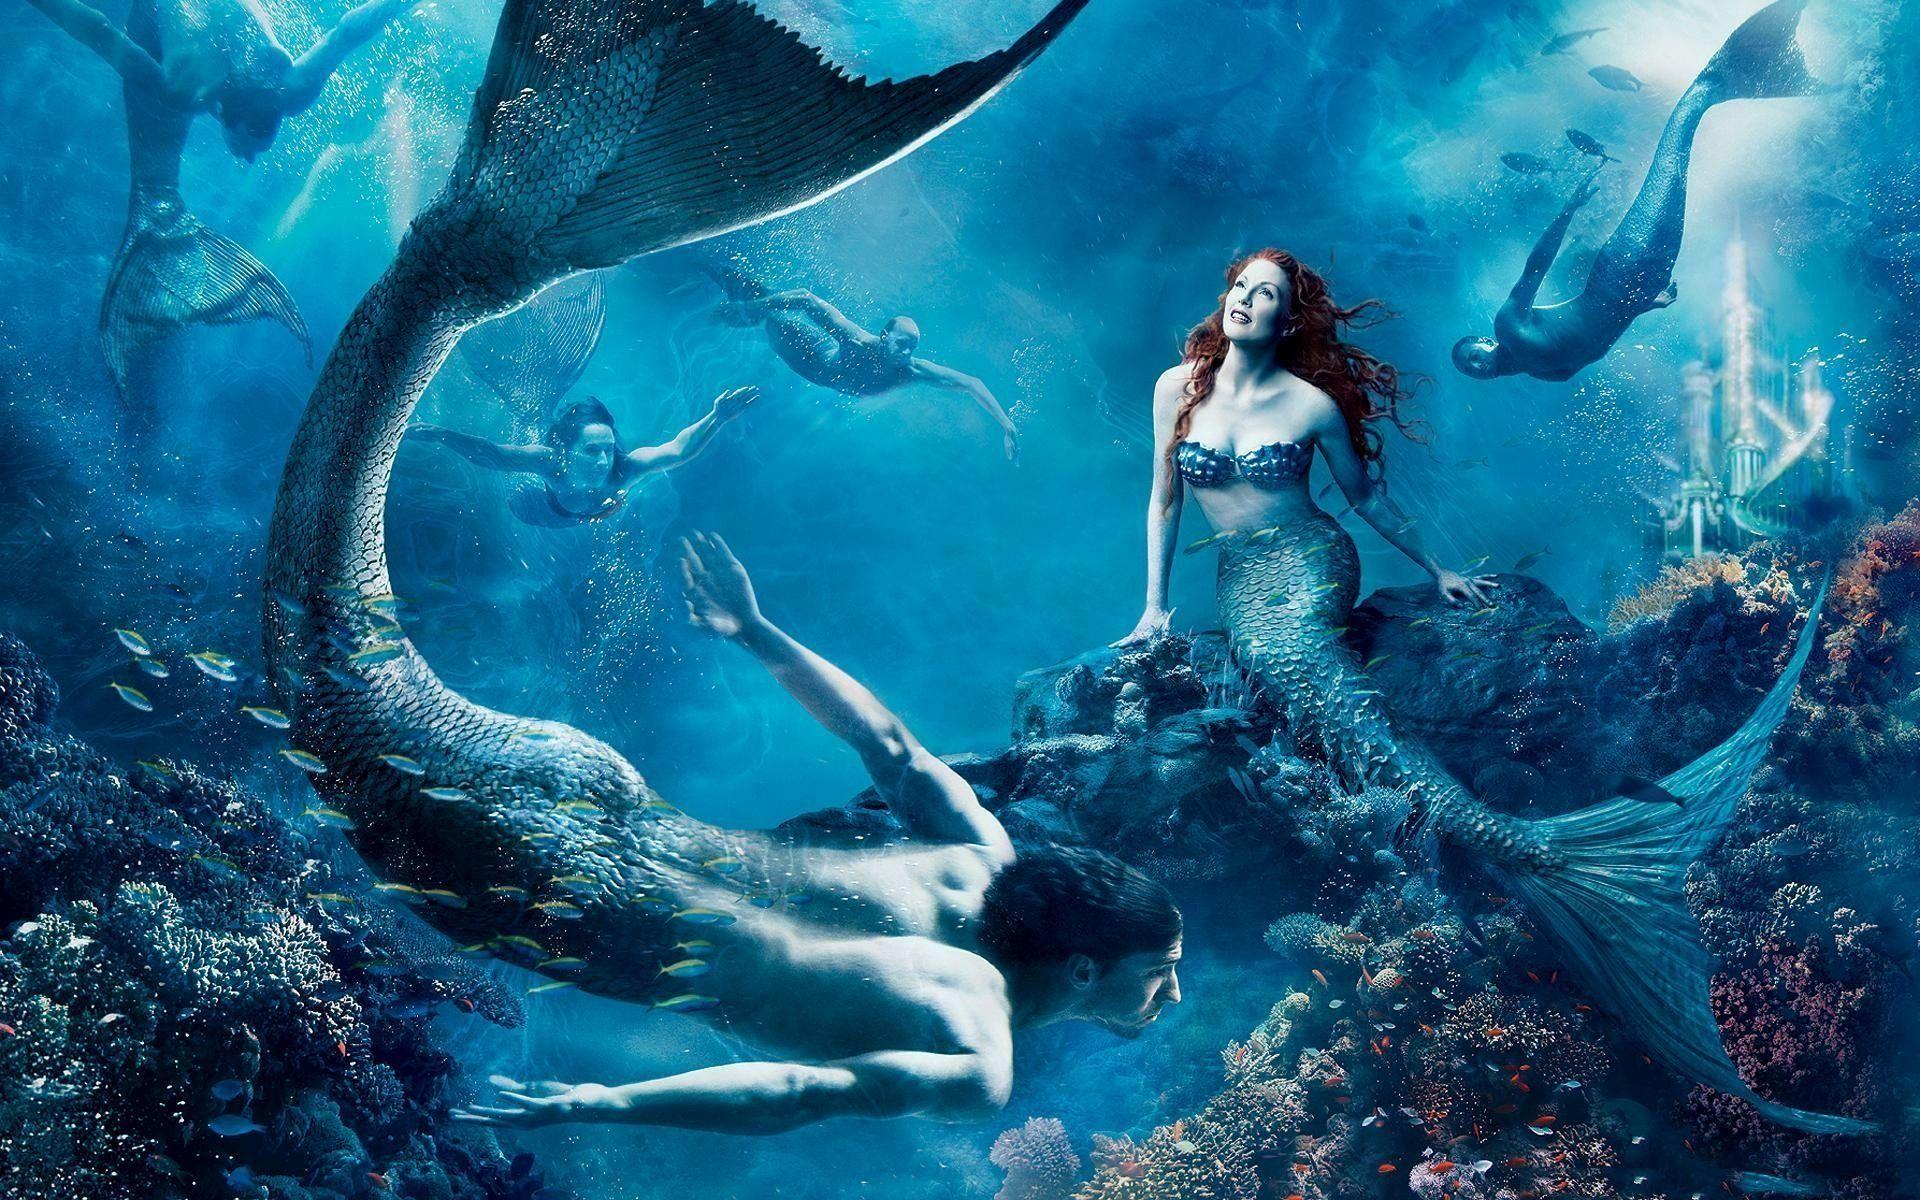 Mermaids Wallpapers Wallpaper Cave